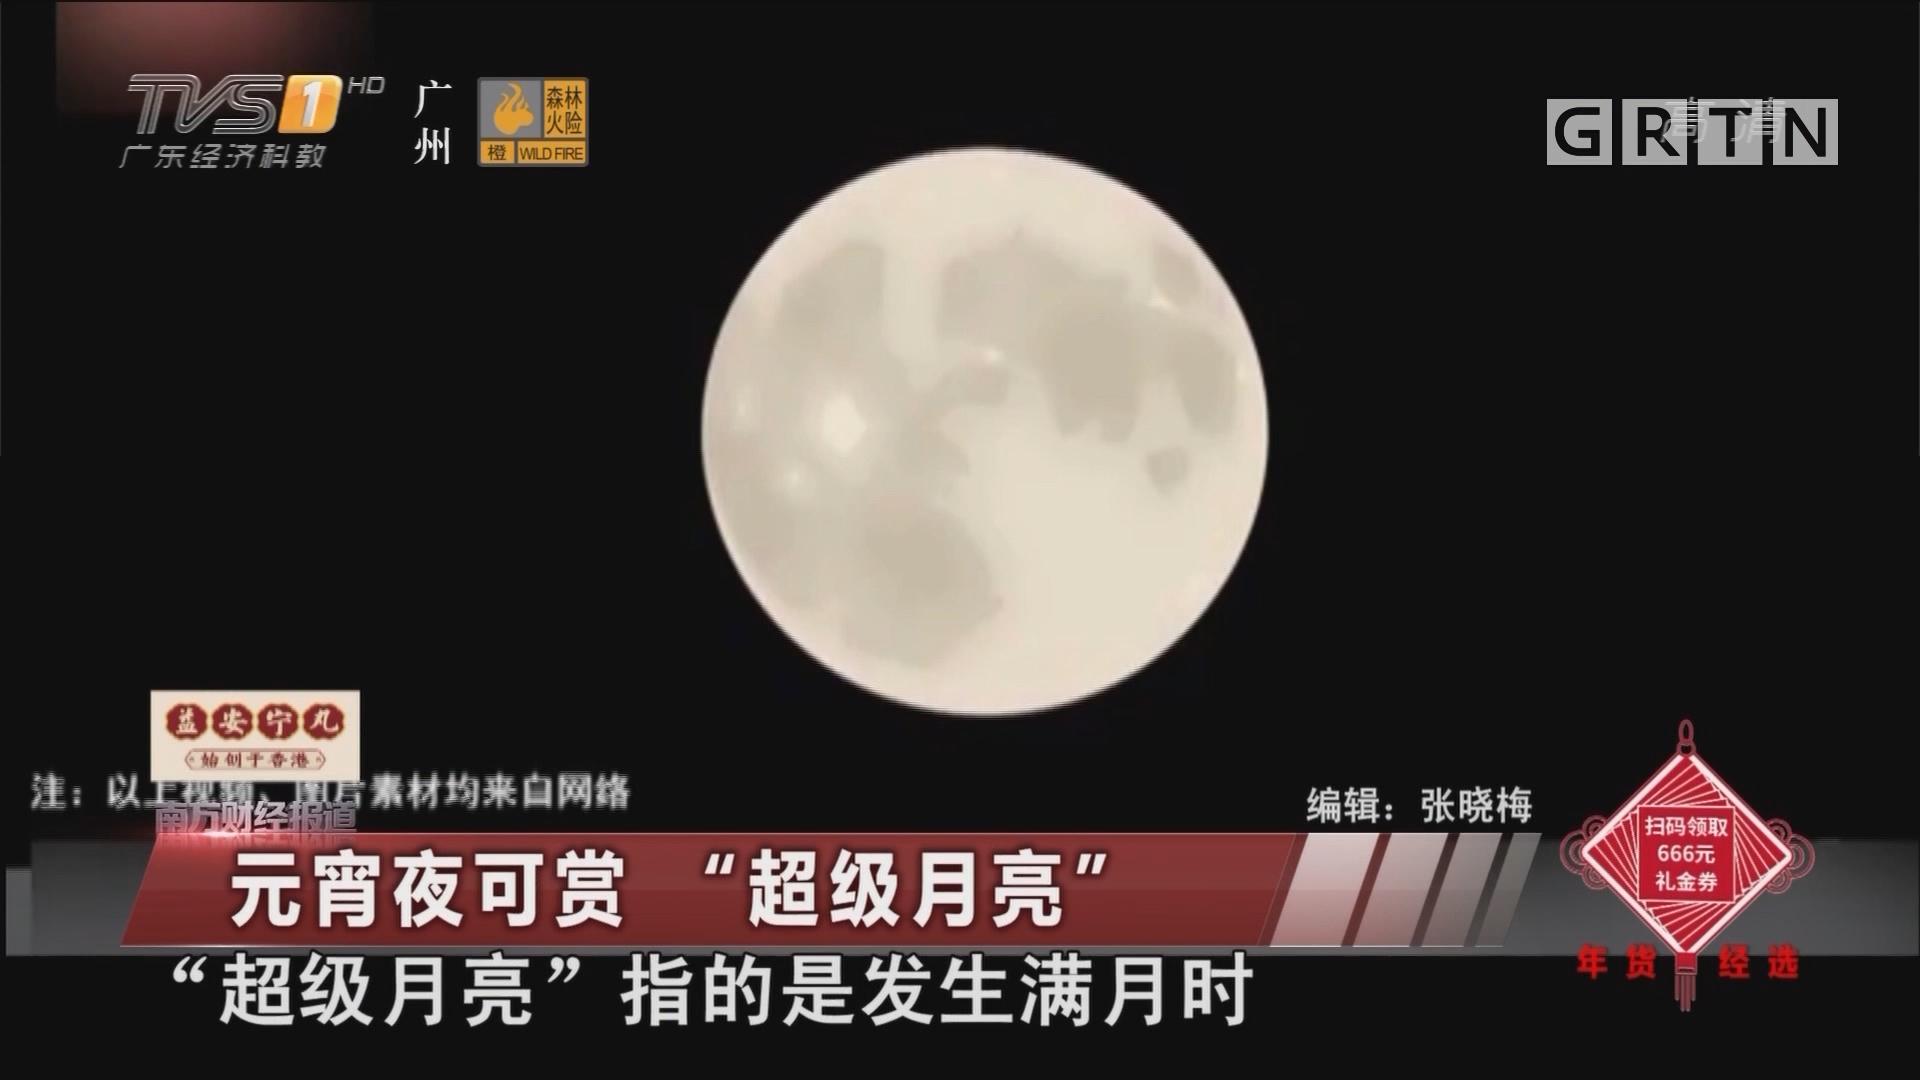 """元宵夜可赏 """"超级月亮"""""""